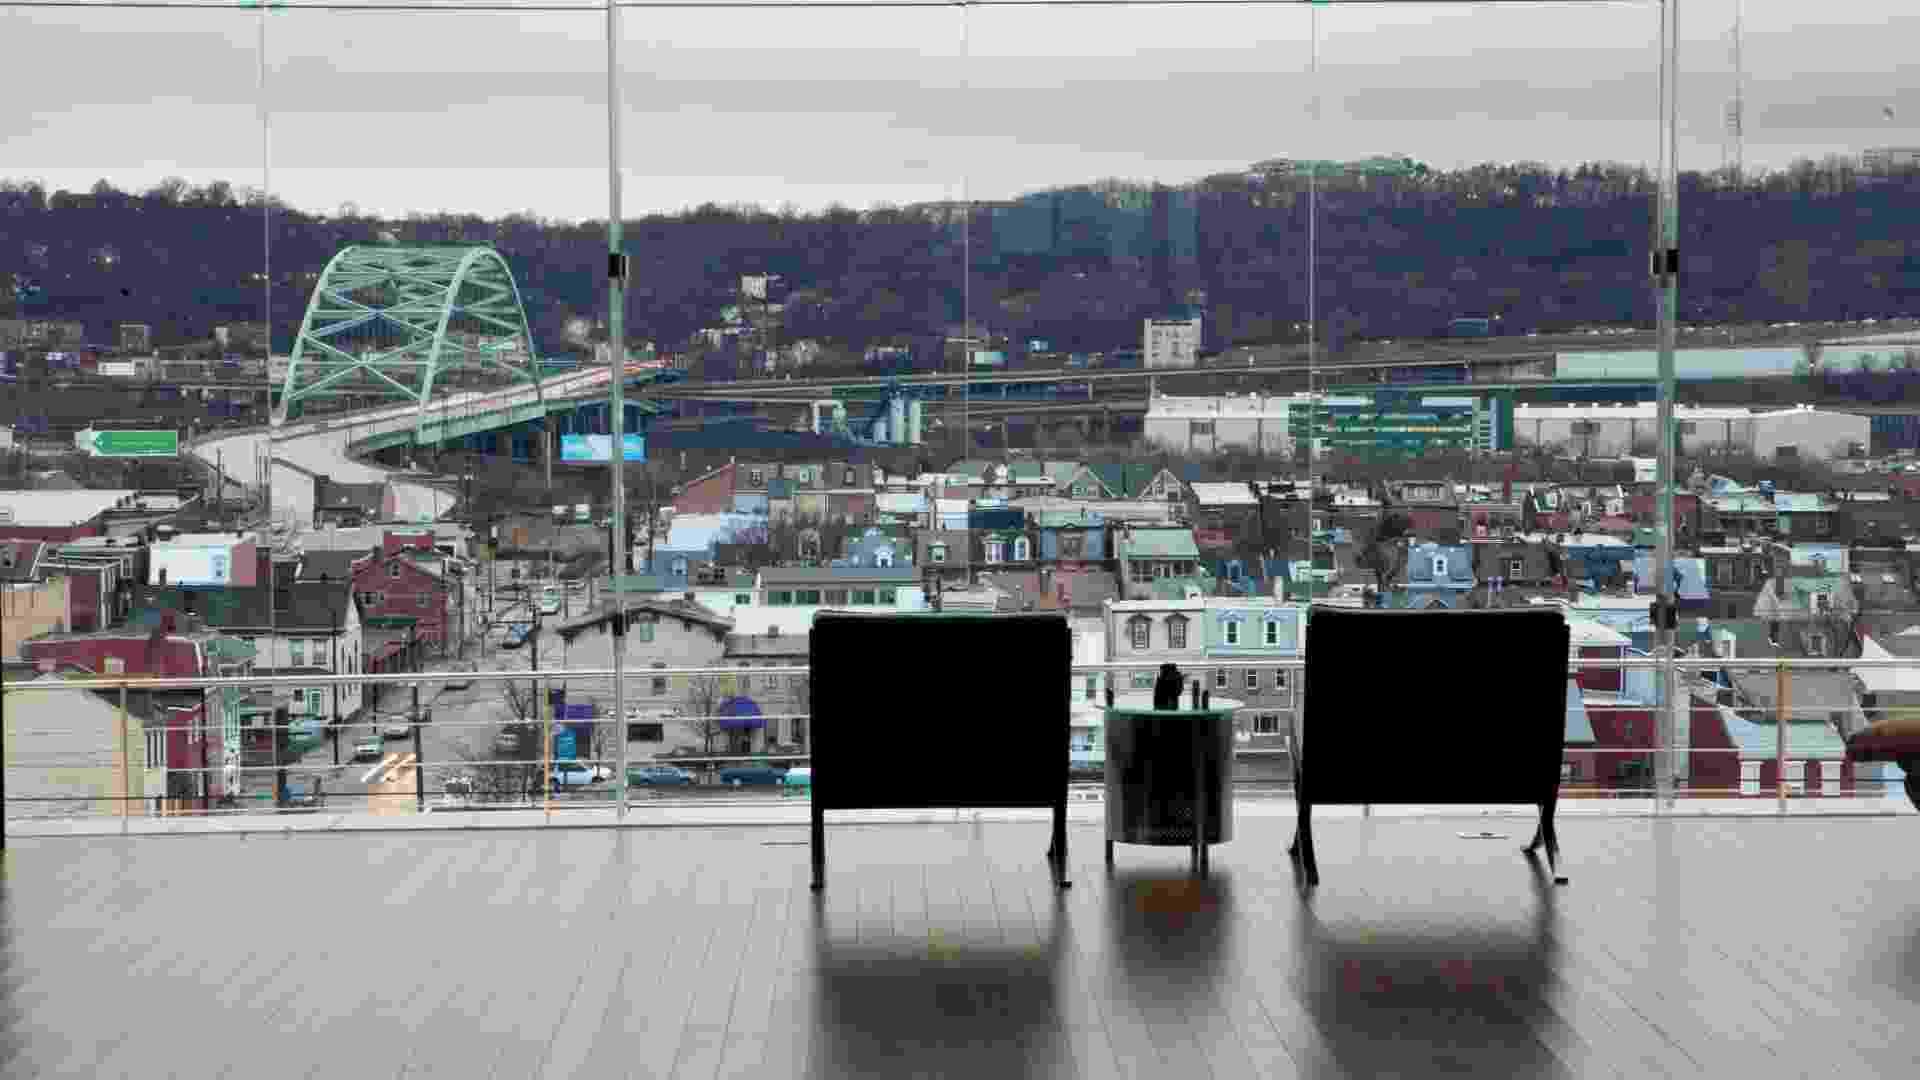 Casa sobre fábrica de vidro em Pittsburgh, foi construída em balanço (Imagem do NYT, não usar sem autorização) - Tony Cenicola/The New York Times